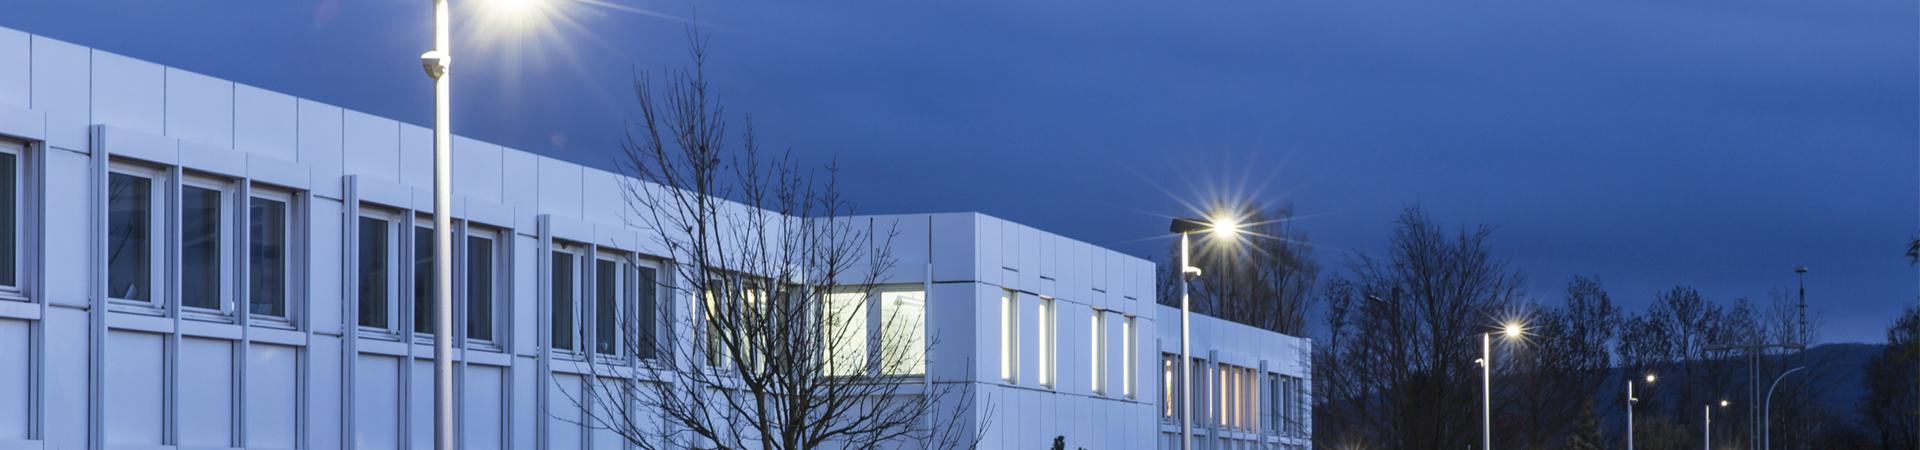 Aussenbeleuchtung Fassade led fassaden und anbauleuchte für eingansbereiche